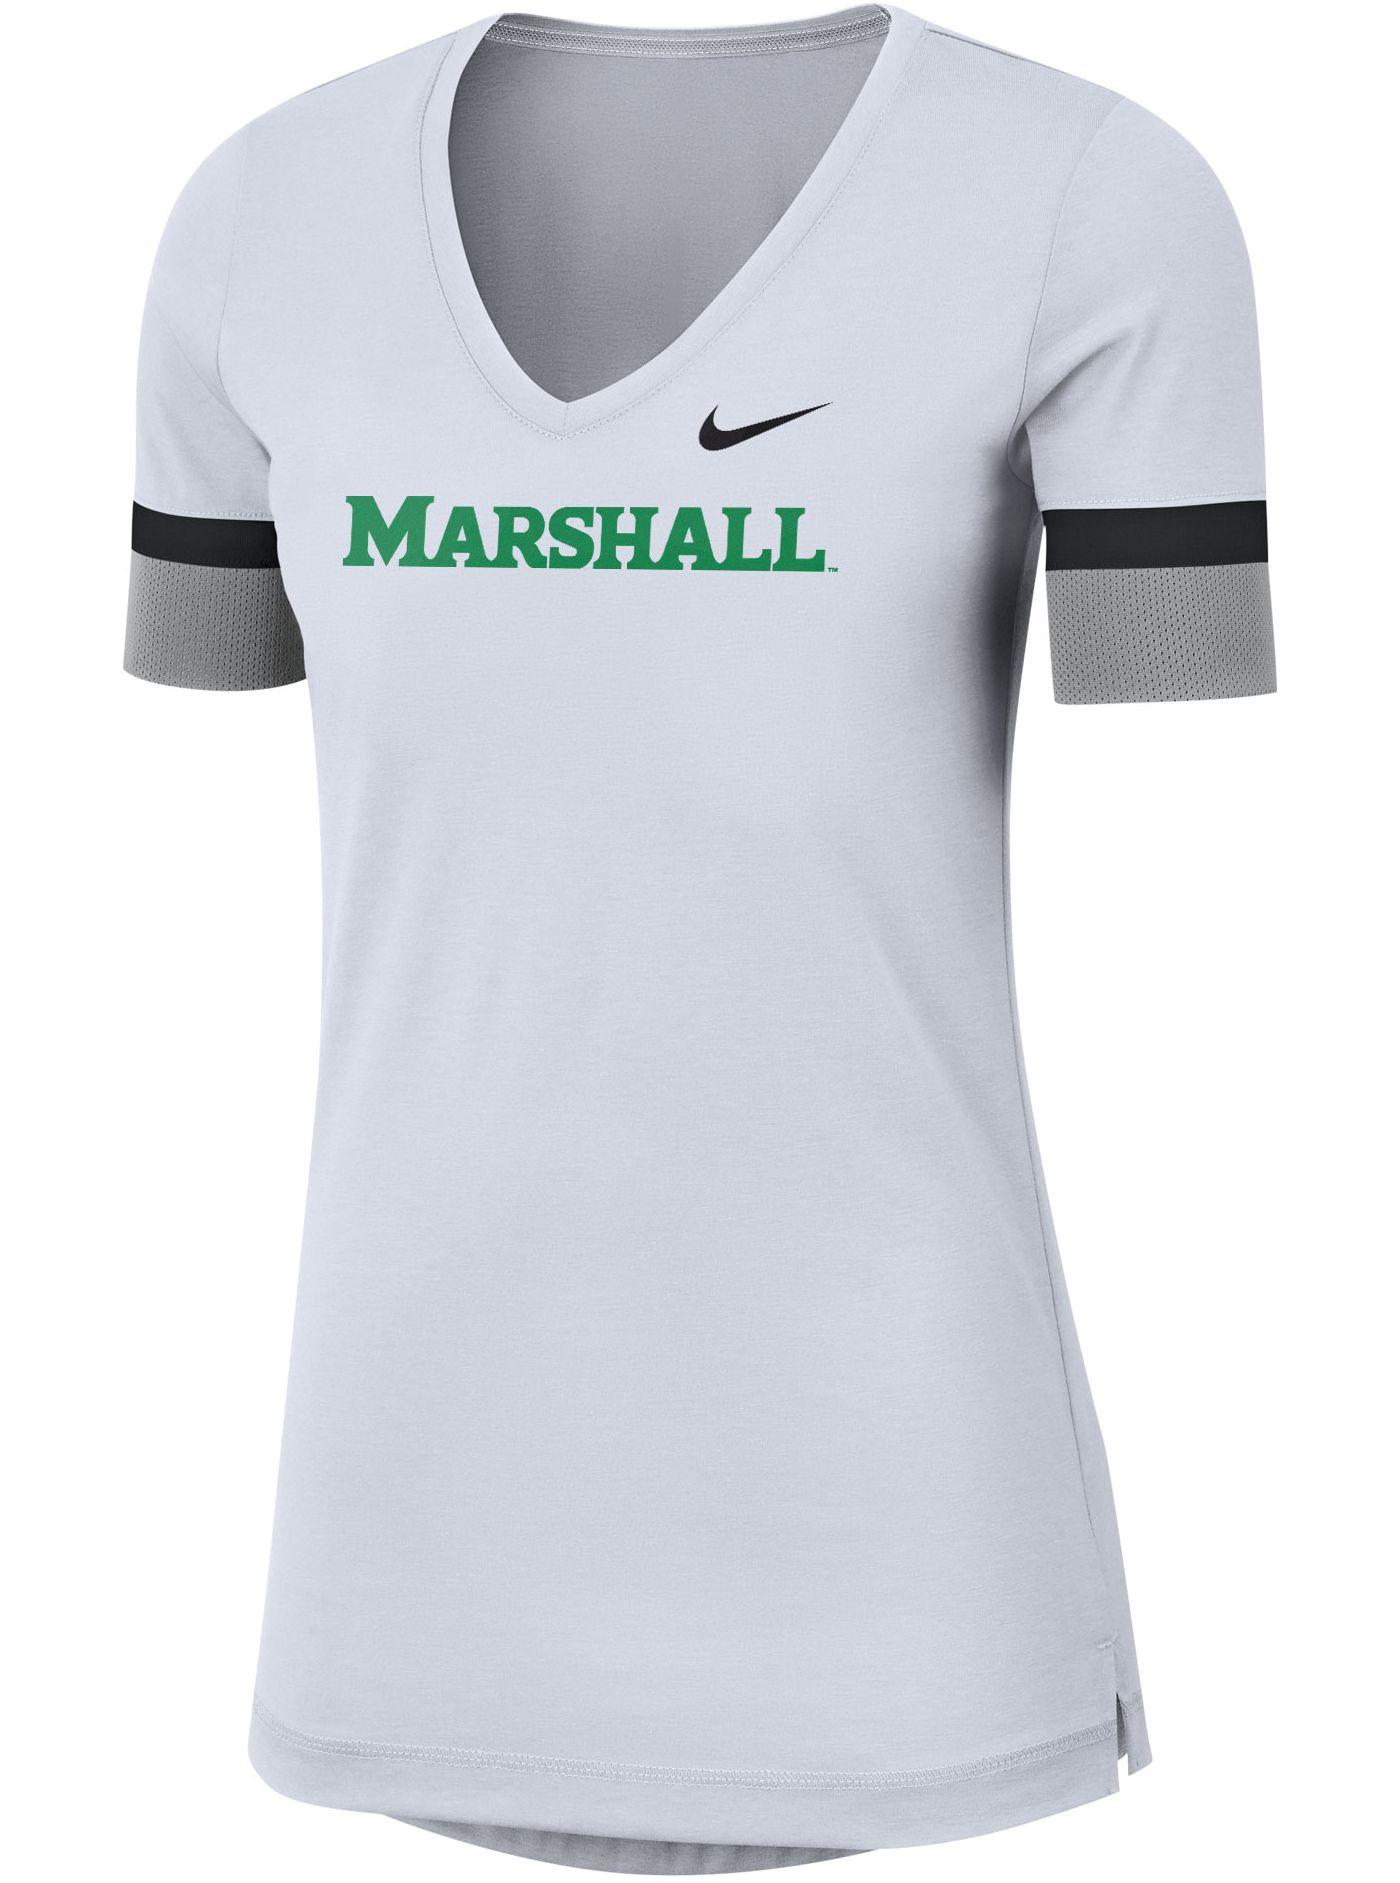 Nike Women's Marshall Thundering Herd Dri-FIT Fan V-Neck White T-Shirt